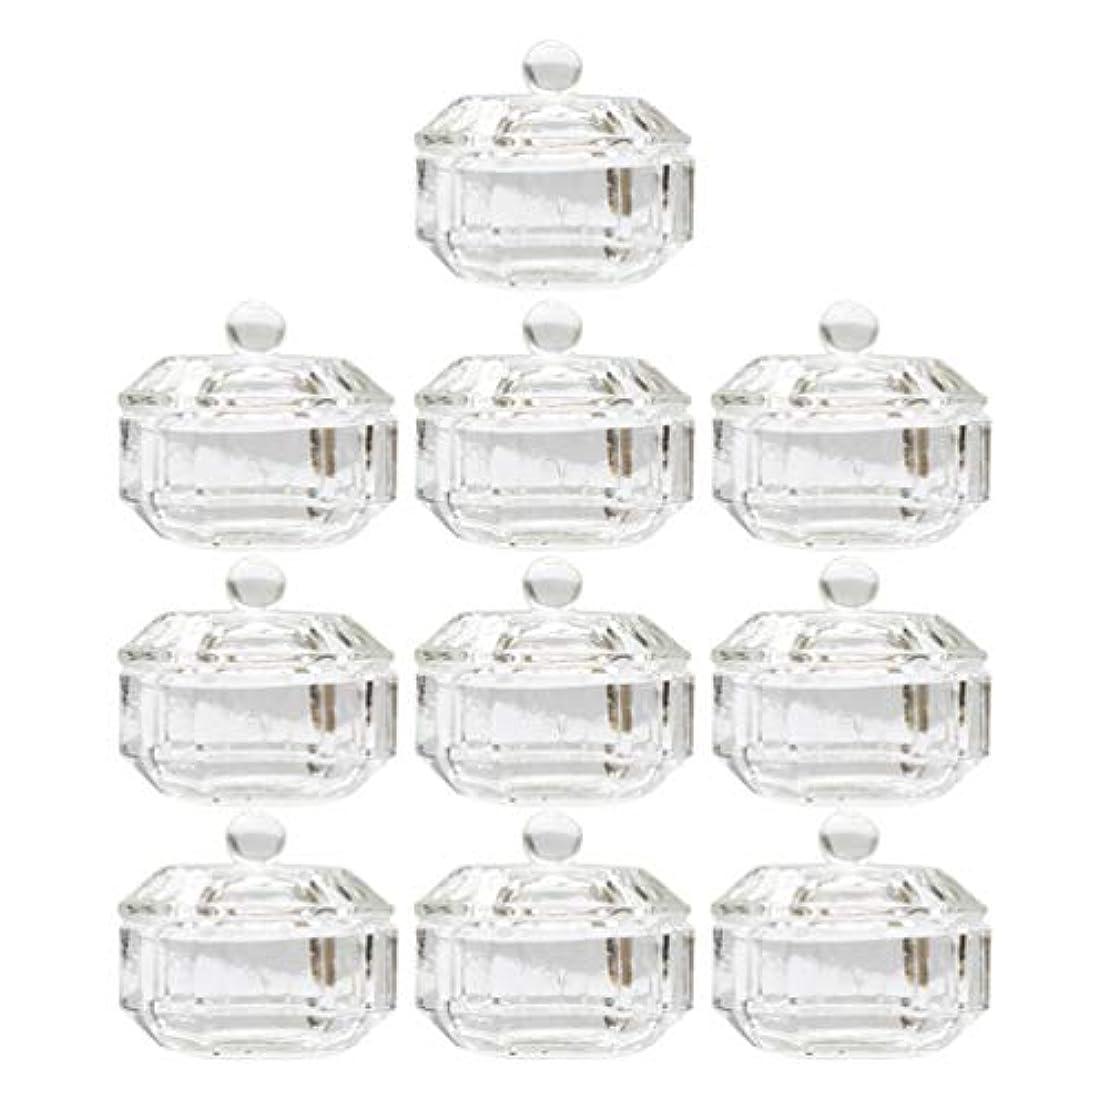 リールジョージスティーブンソン残り物Lurrose 10ピースネイルアクリル液体カップアクリル液体粉末ダッペン皿ガラスクリスタルカップガラス製品ツール用蓋容器付きネイルアート